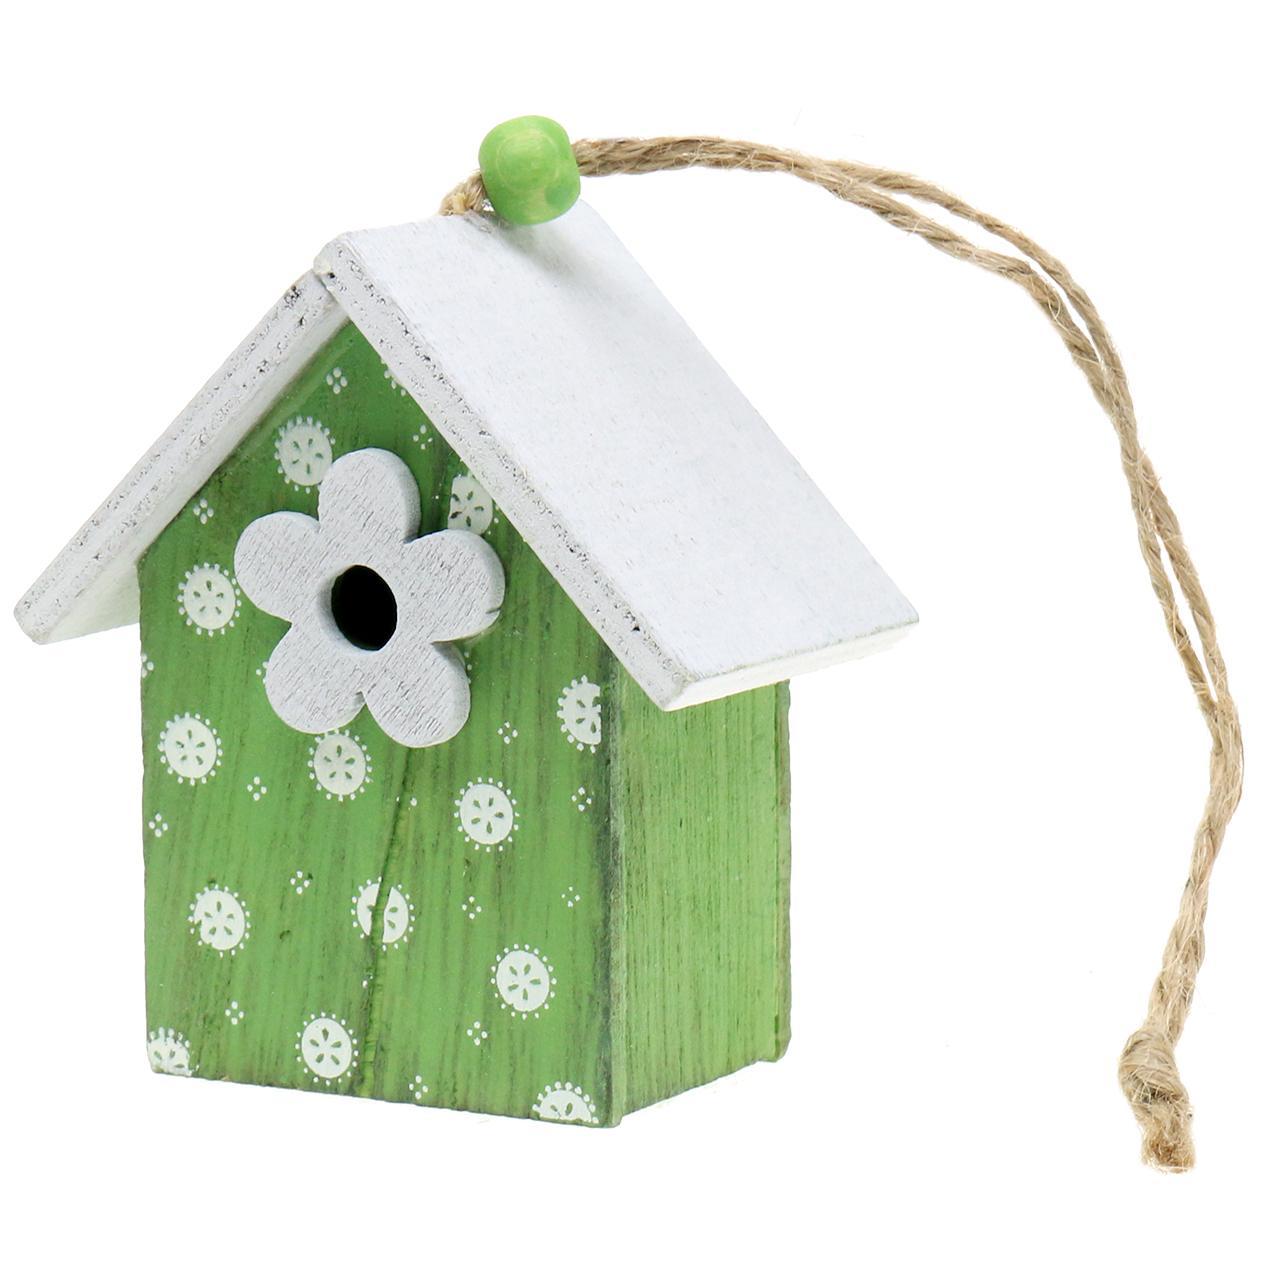 deko vogelhaus zum h ngen 8cm 6st kaufen in schweiz. Black Bedroom Furniture Sets. Home Design Ideas